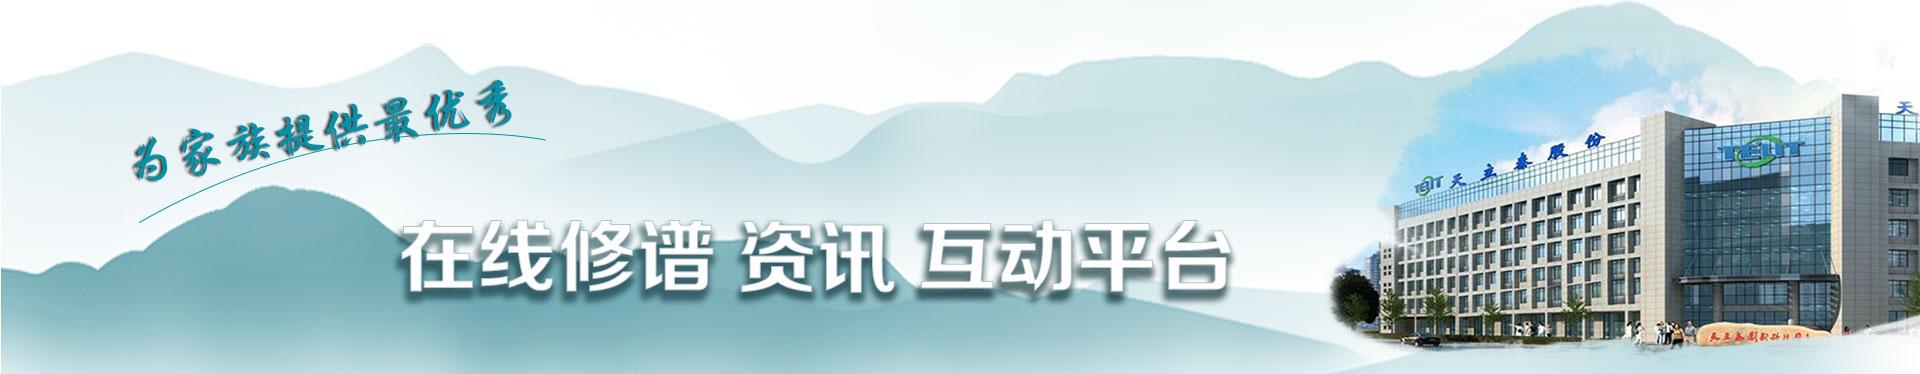 百姓通谱网_关于我们-家族云 jiazuyun.cn——电子家谱,网络修谱,族谱,家谱 ...